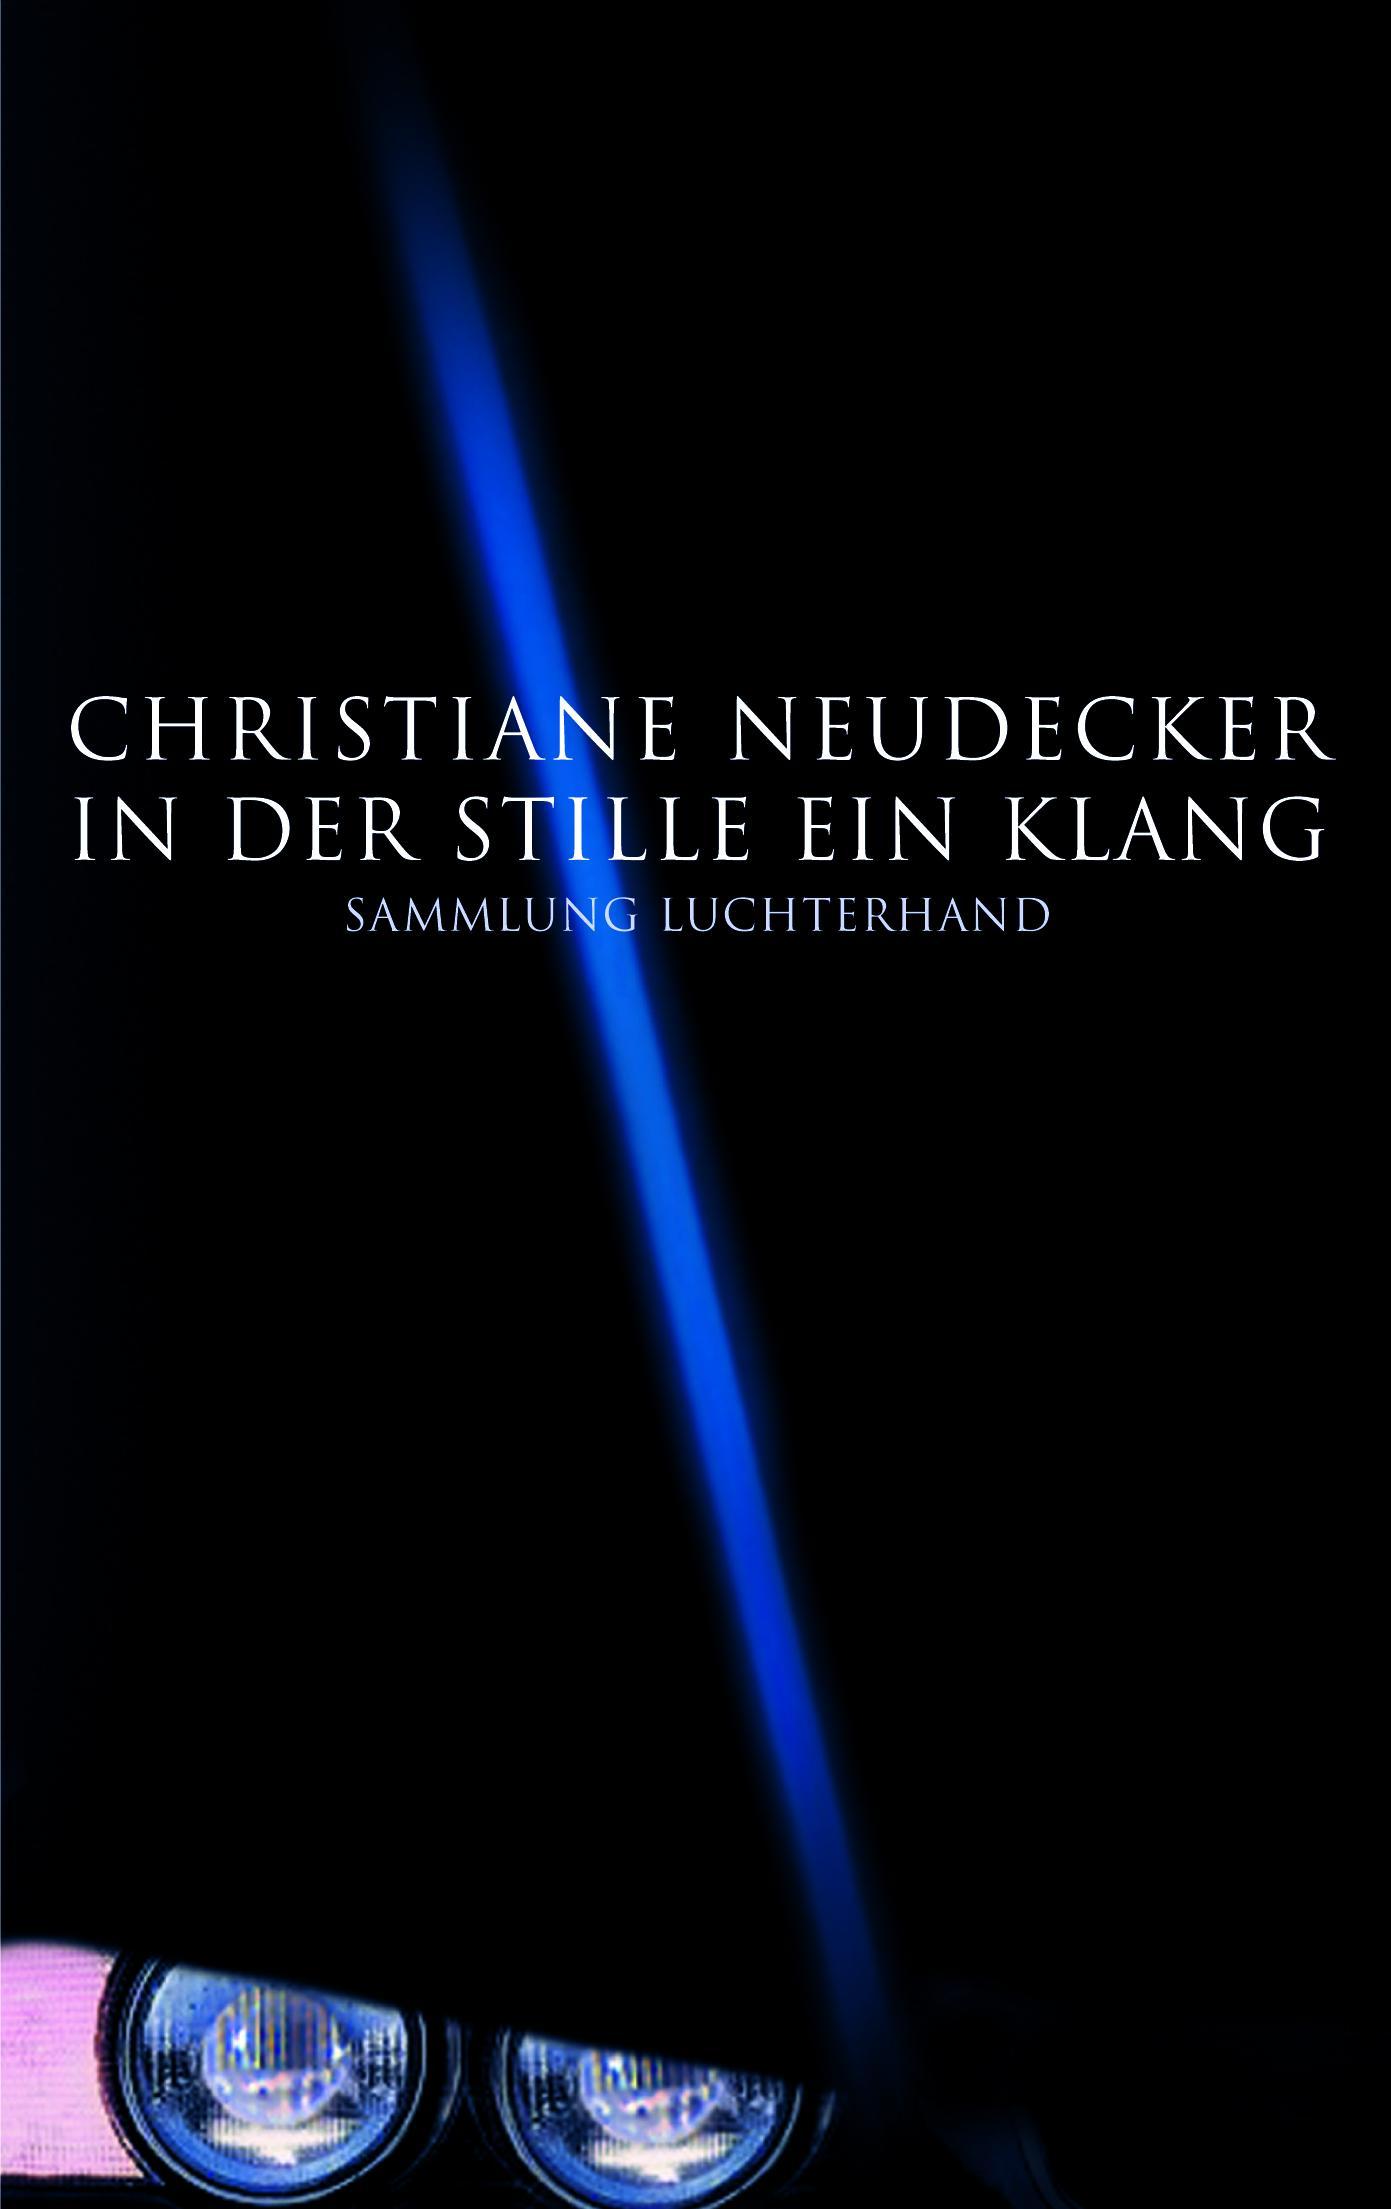 In der Stille ein Klang von Christiane Neudecker